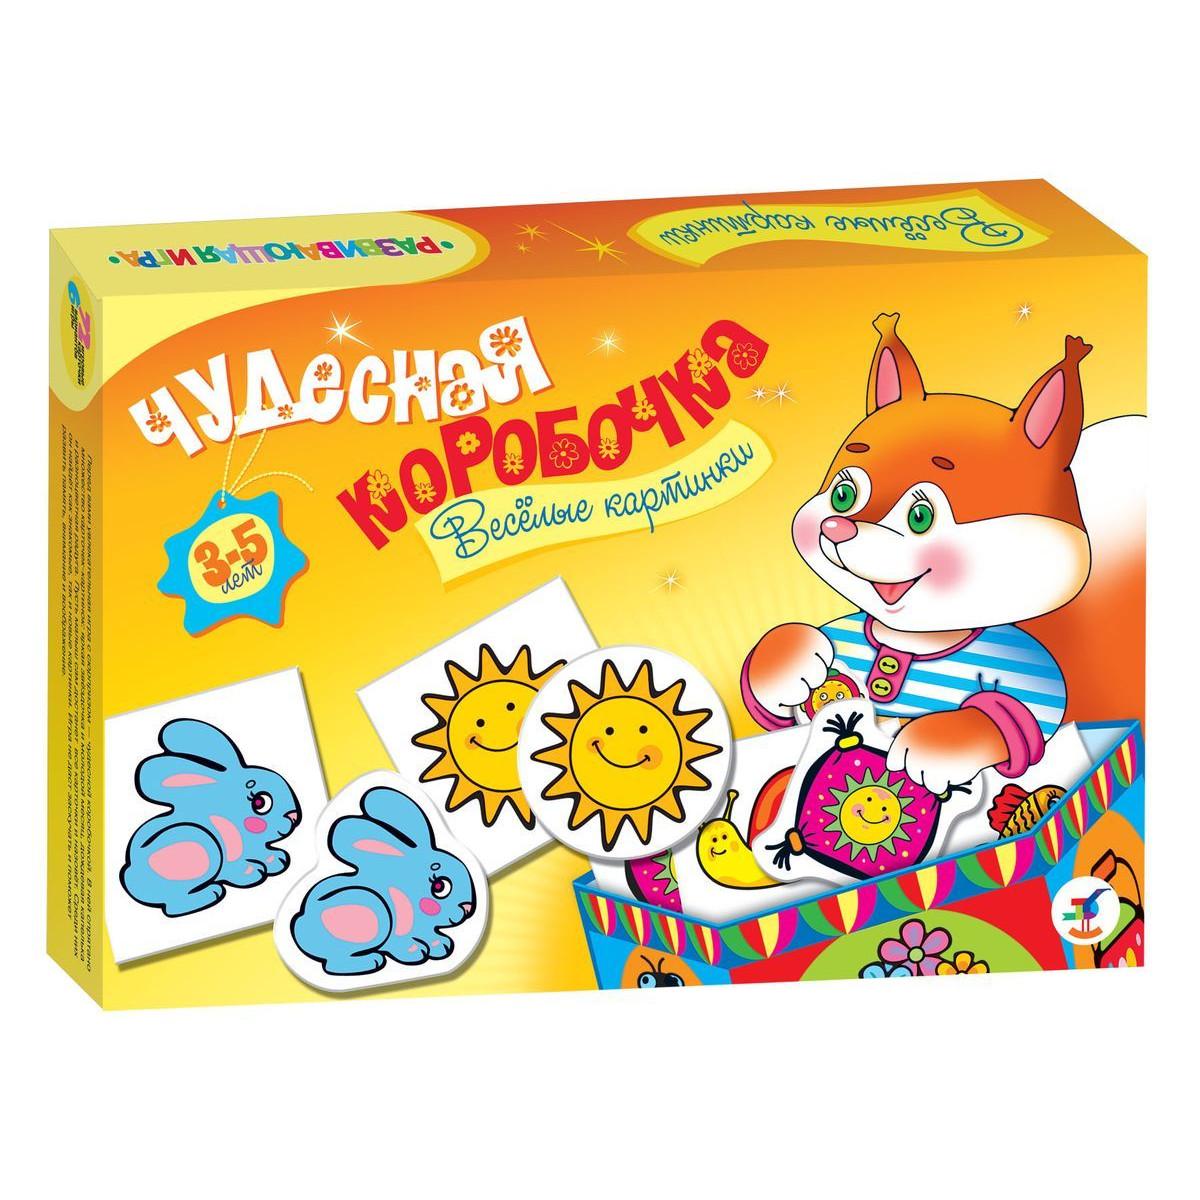 Игра настольная - Чудесная коробочка. Веселые картинкиДля самых маленьких<br>Игра настольная - Чудесная коробочка. Веселые картинки<br>